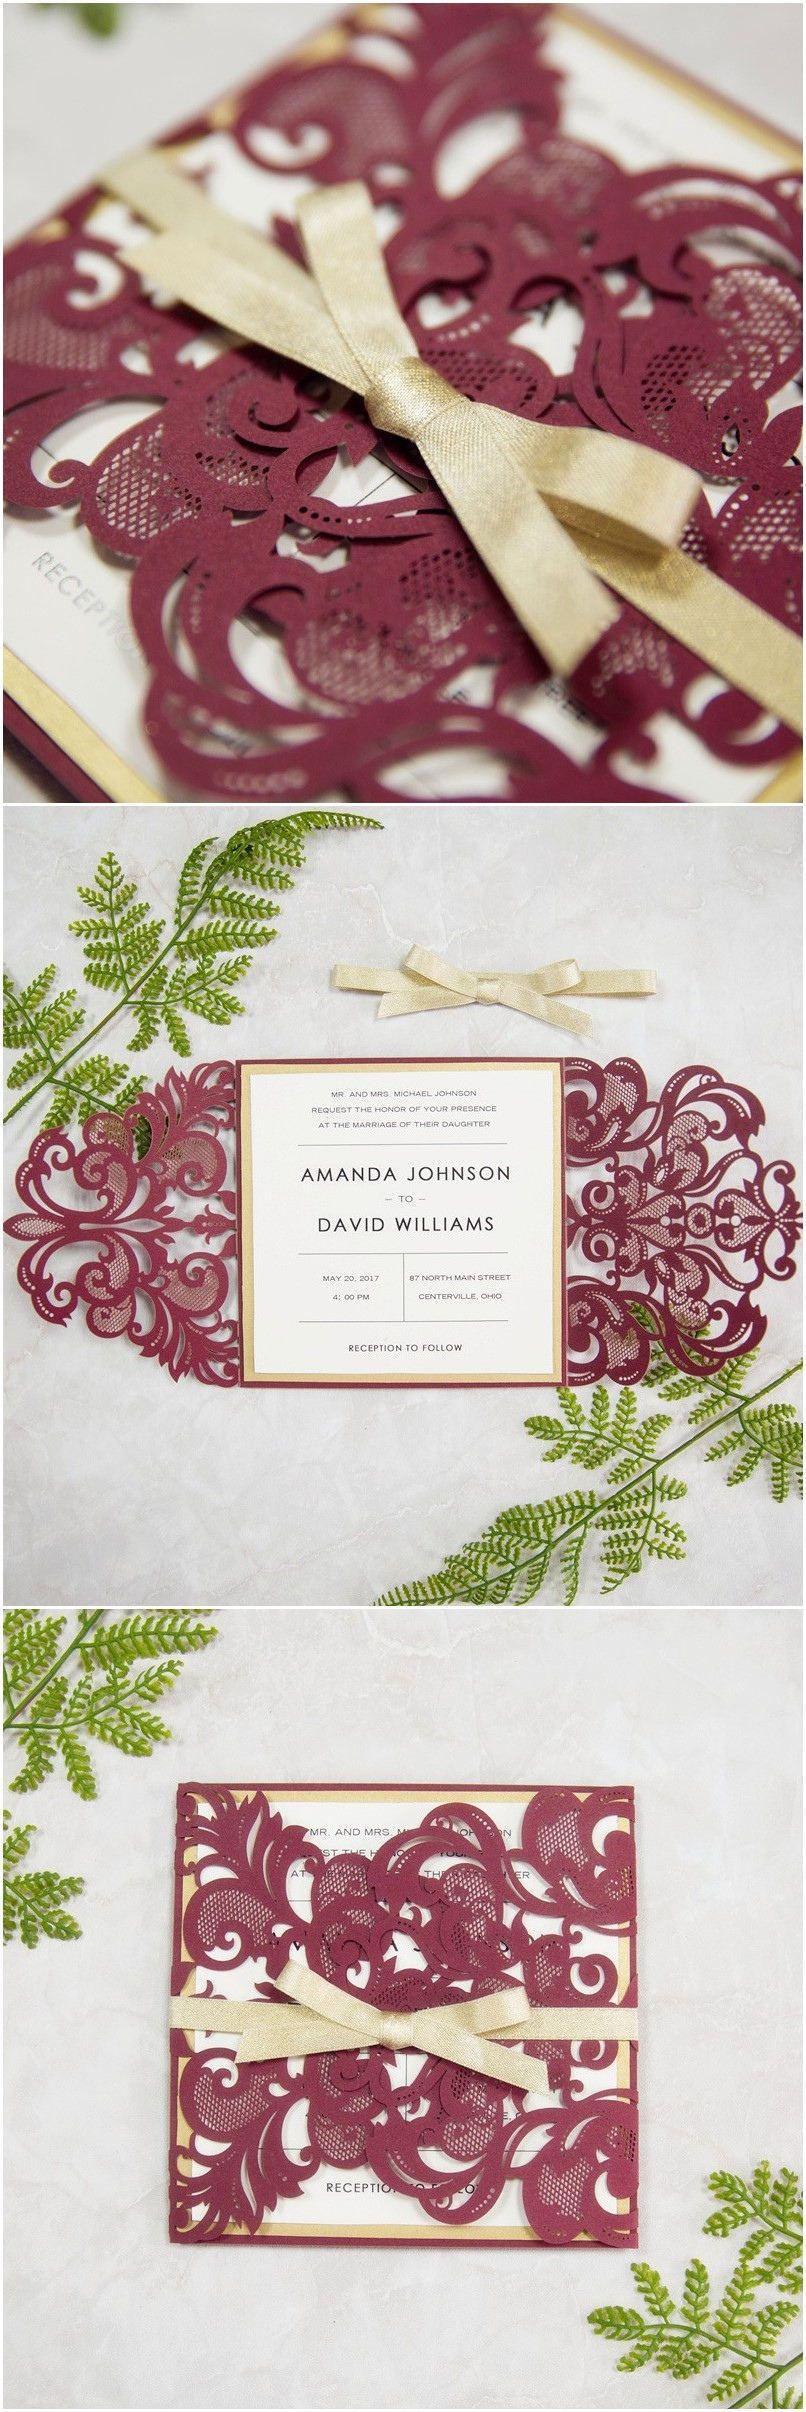 Pin on Weddings & Ideas